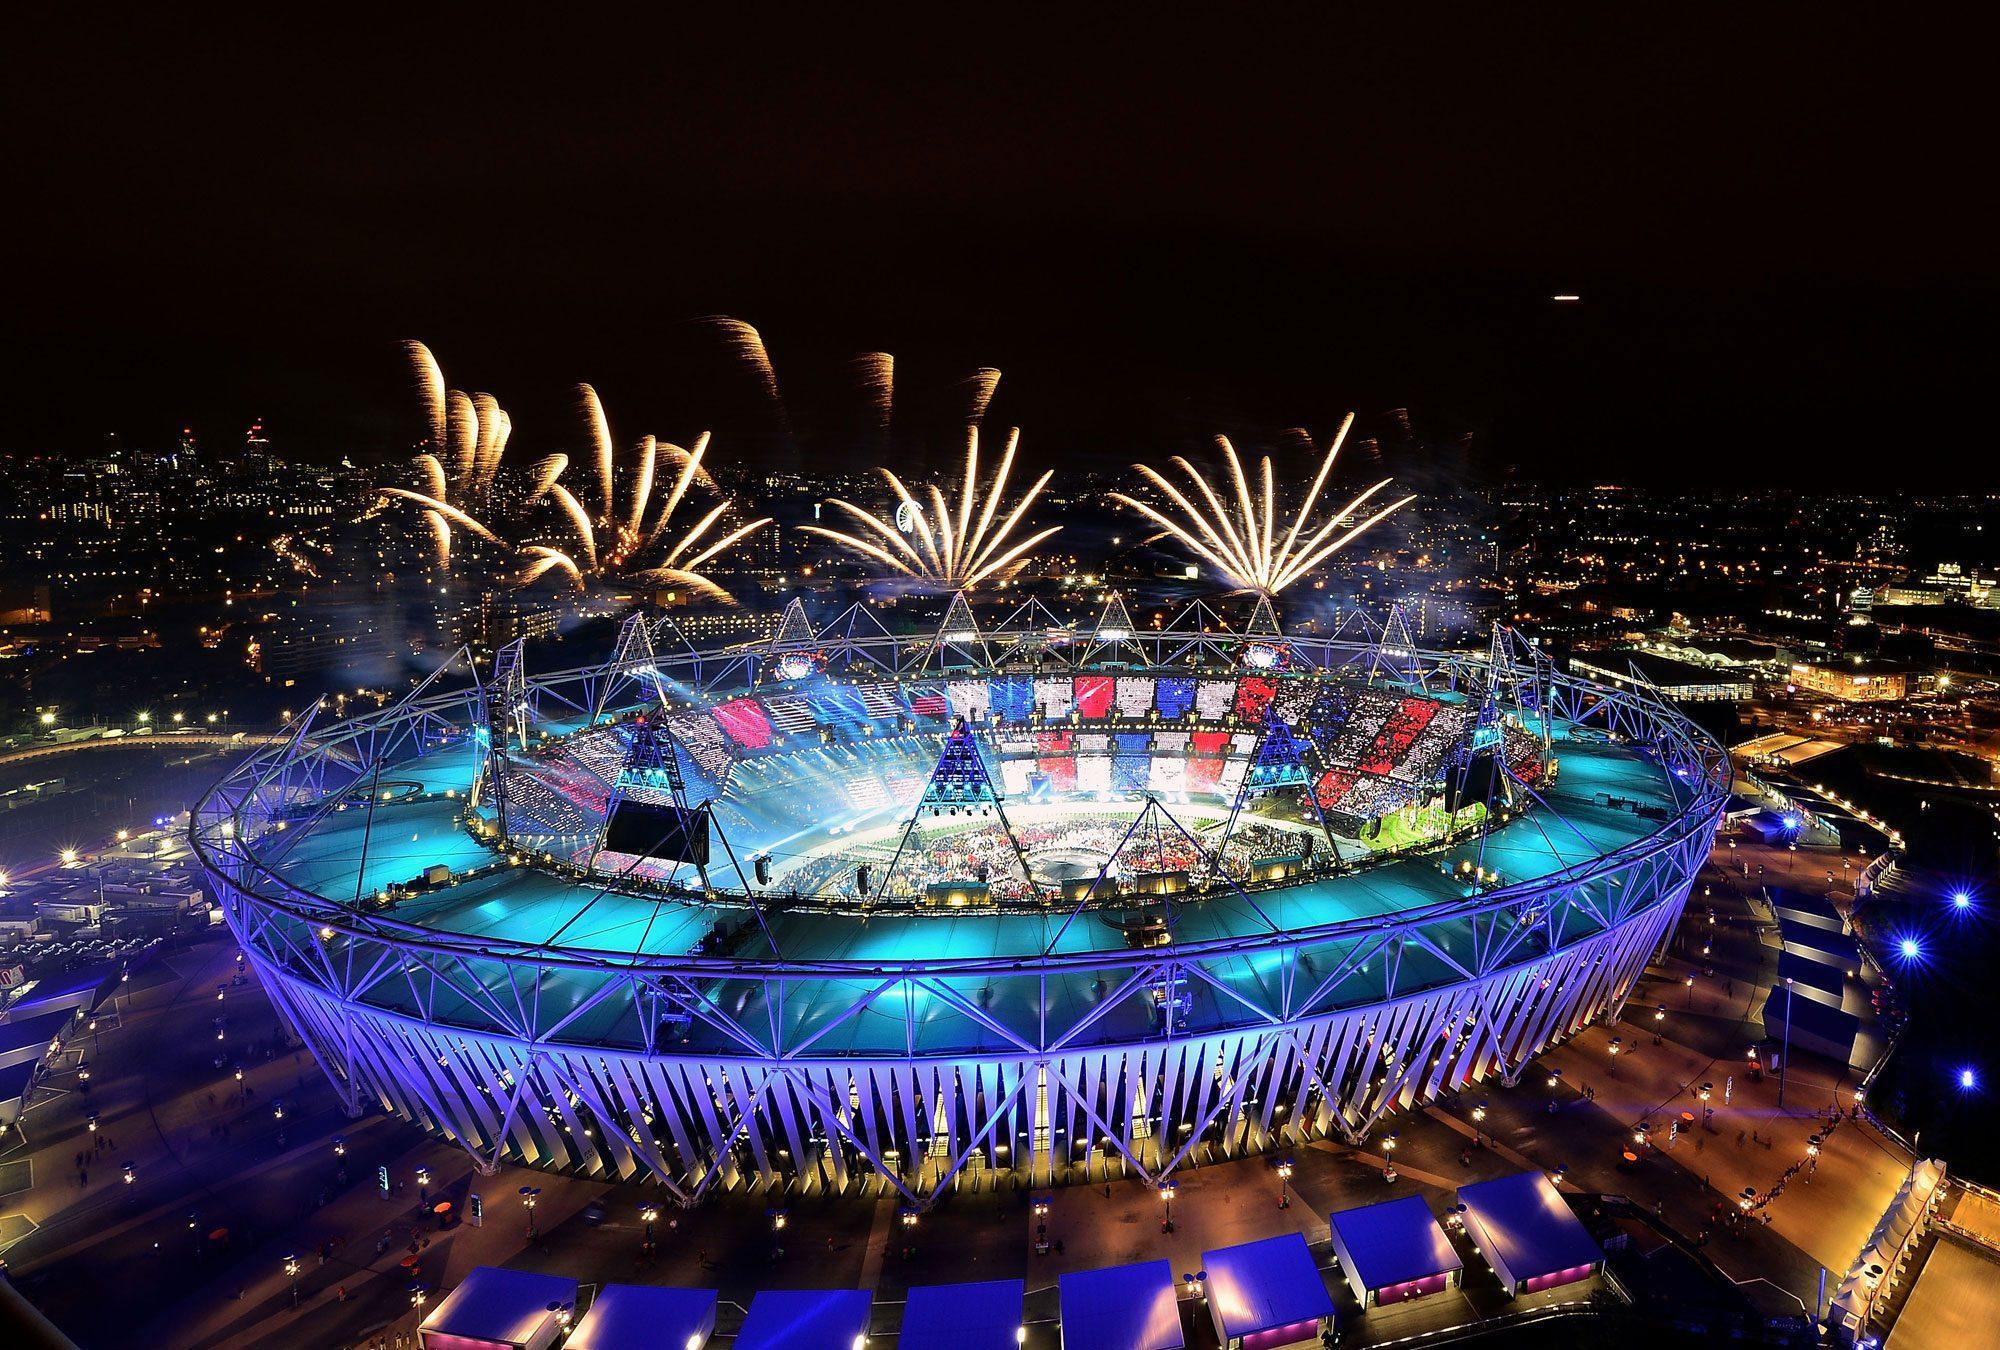 2012_2012年伦敦奥运会开幕式